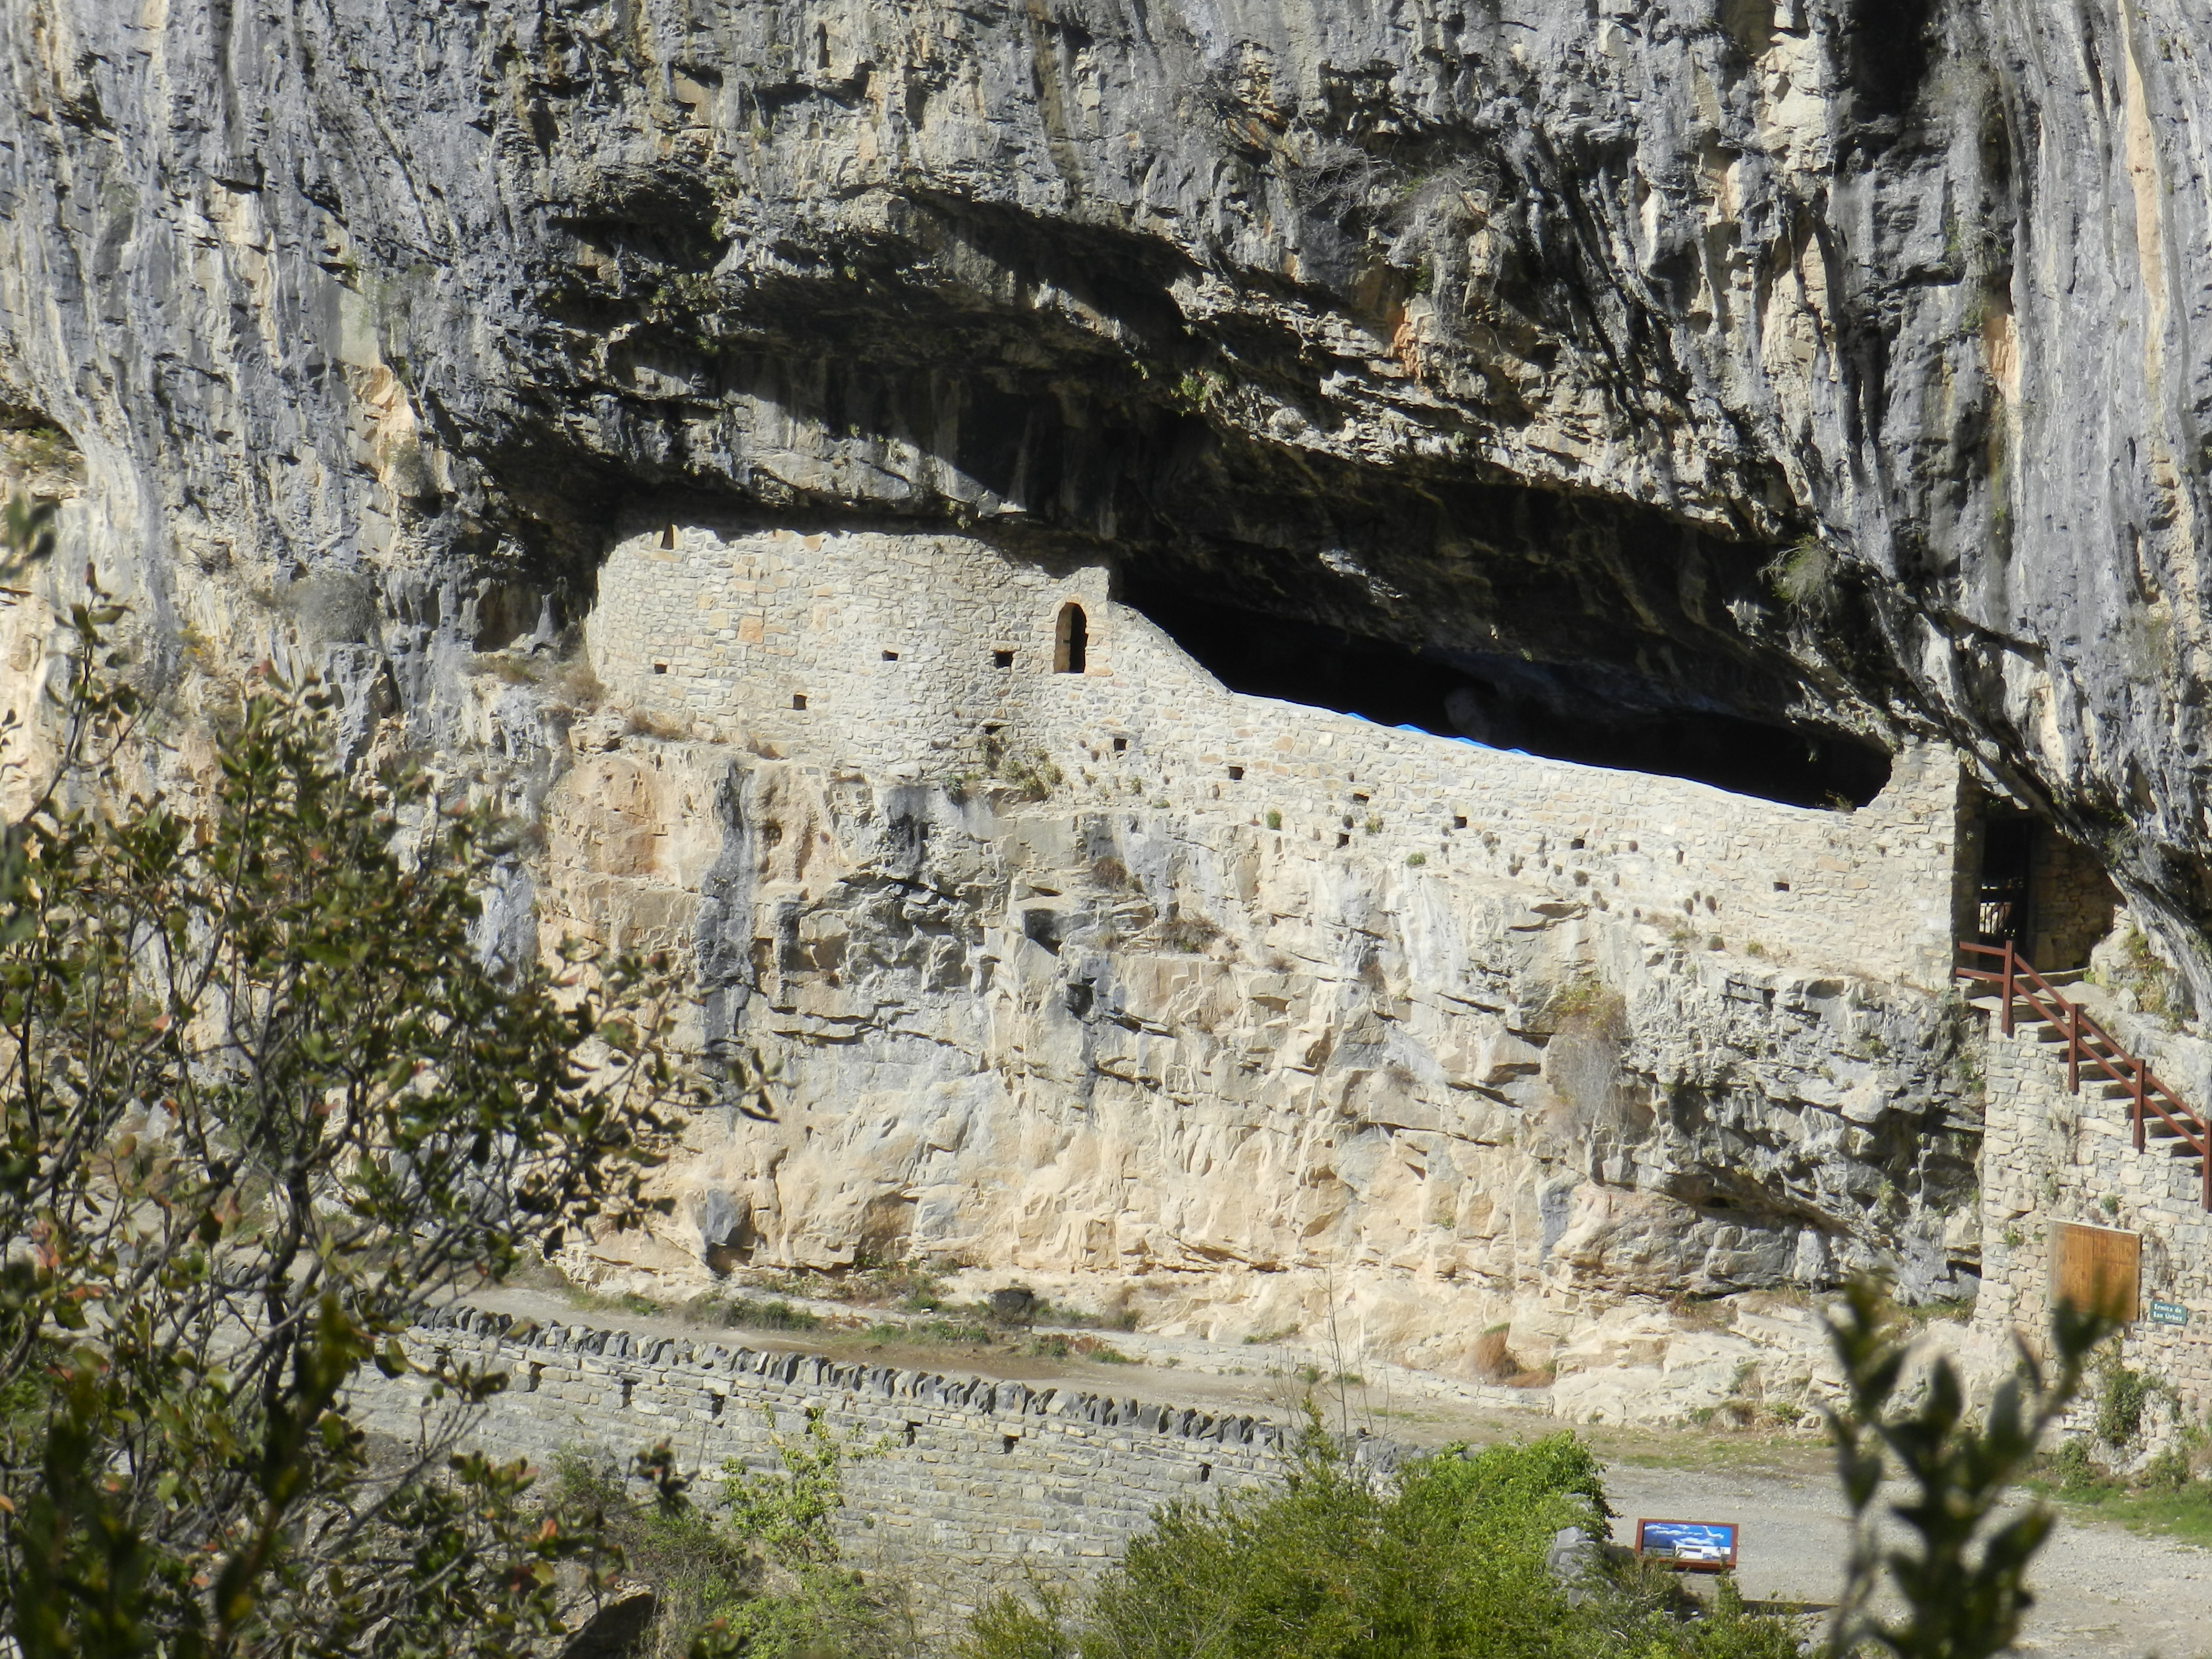 1° Mai Roméria de San Urbez à Anisclo (Niscle) prés de Buerba et Vió.